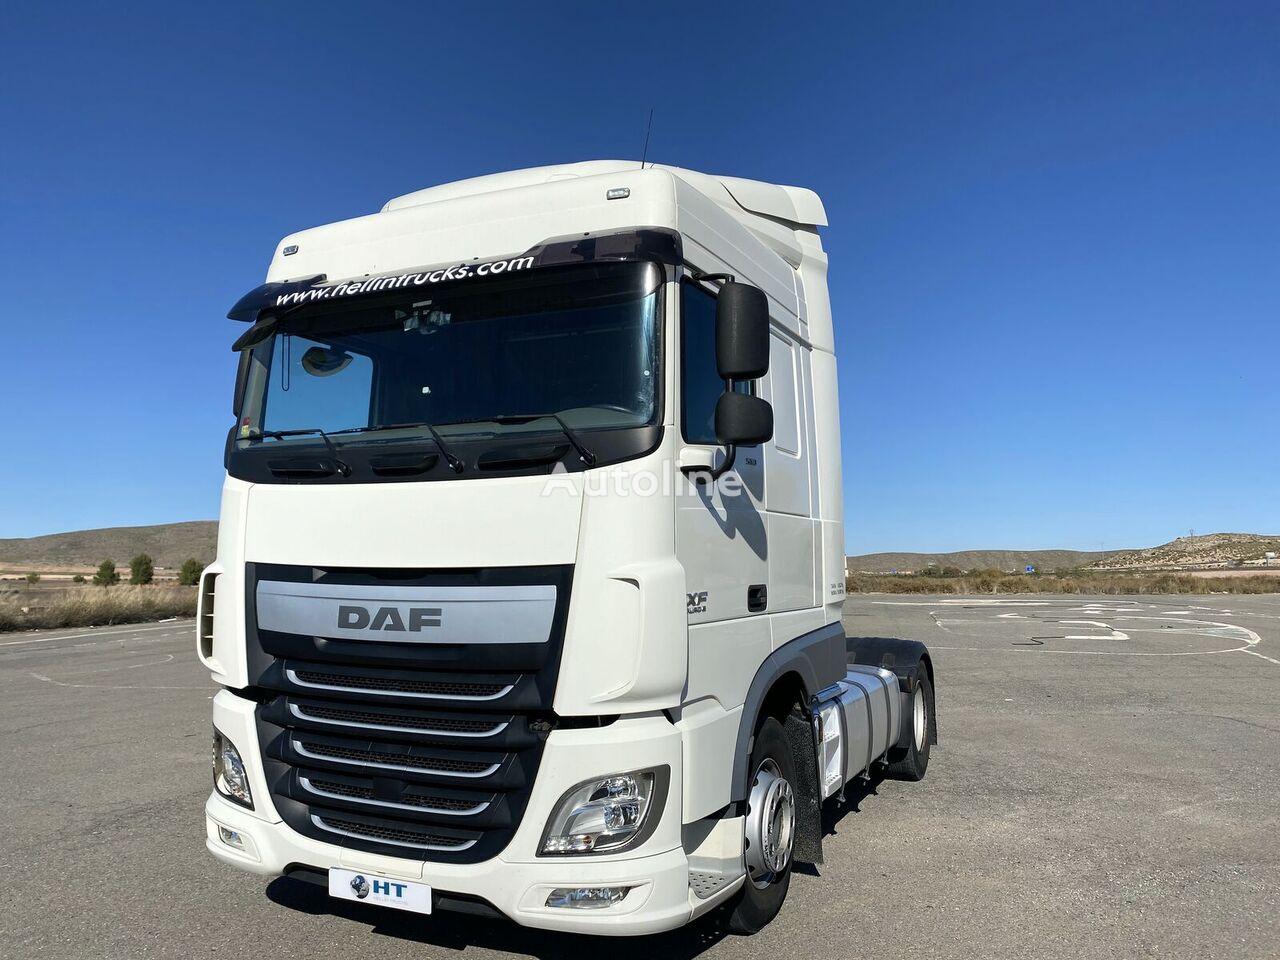 DAF XF510 tractor unit